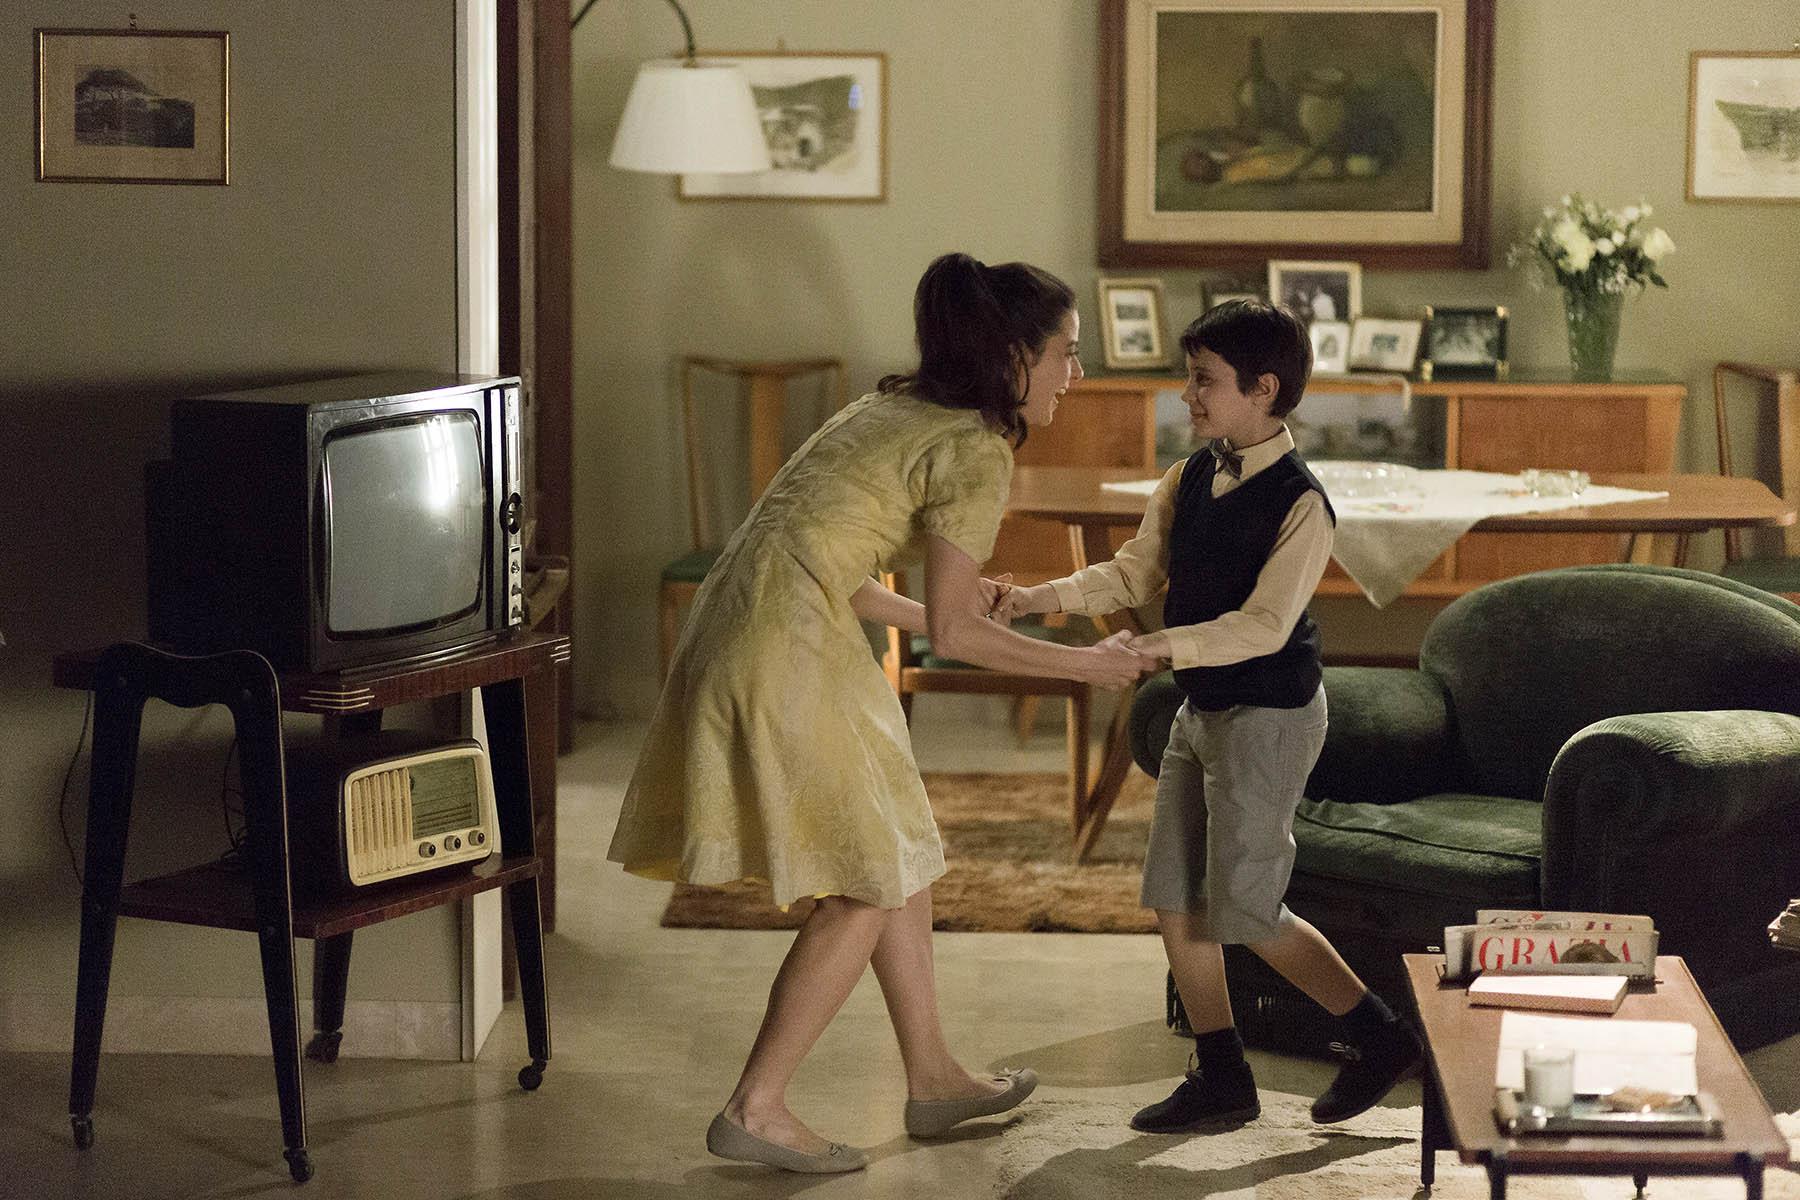 白色康乃馨《祝你有個甜美的夢》(義大利)是一個從小失去母親的成功男人故事